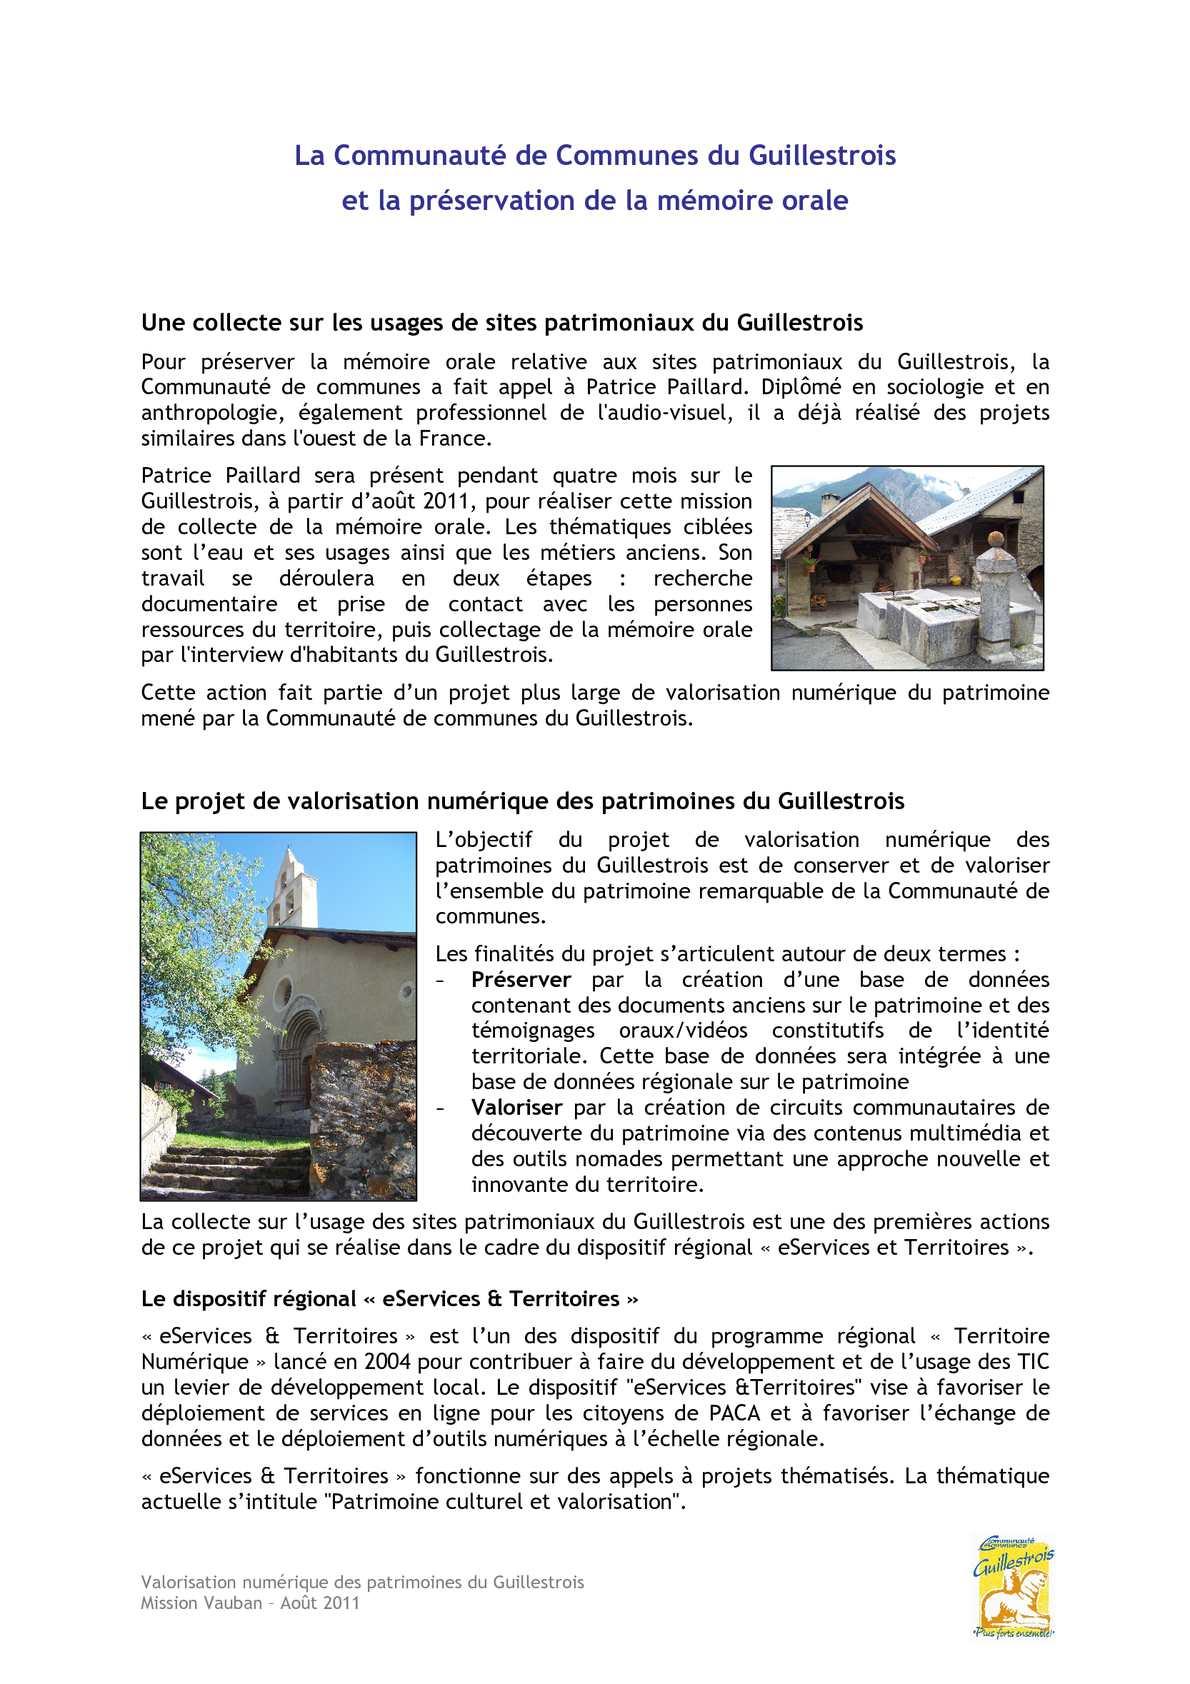 Mémoire orale et valorisation numérique du patrimoine du Guillestrois